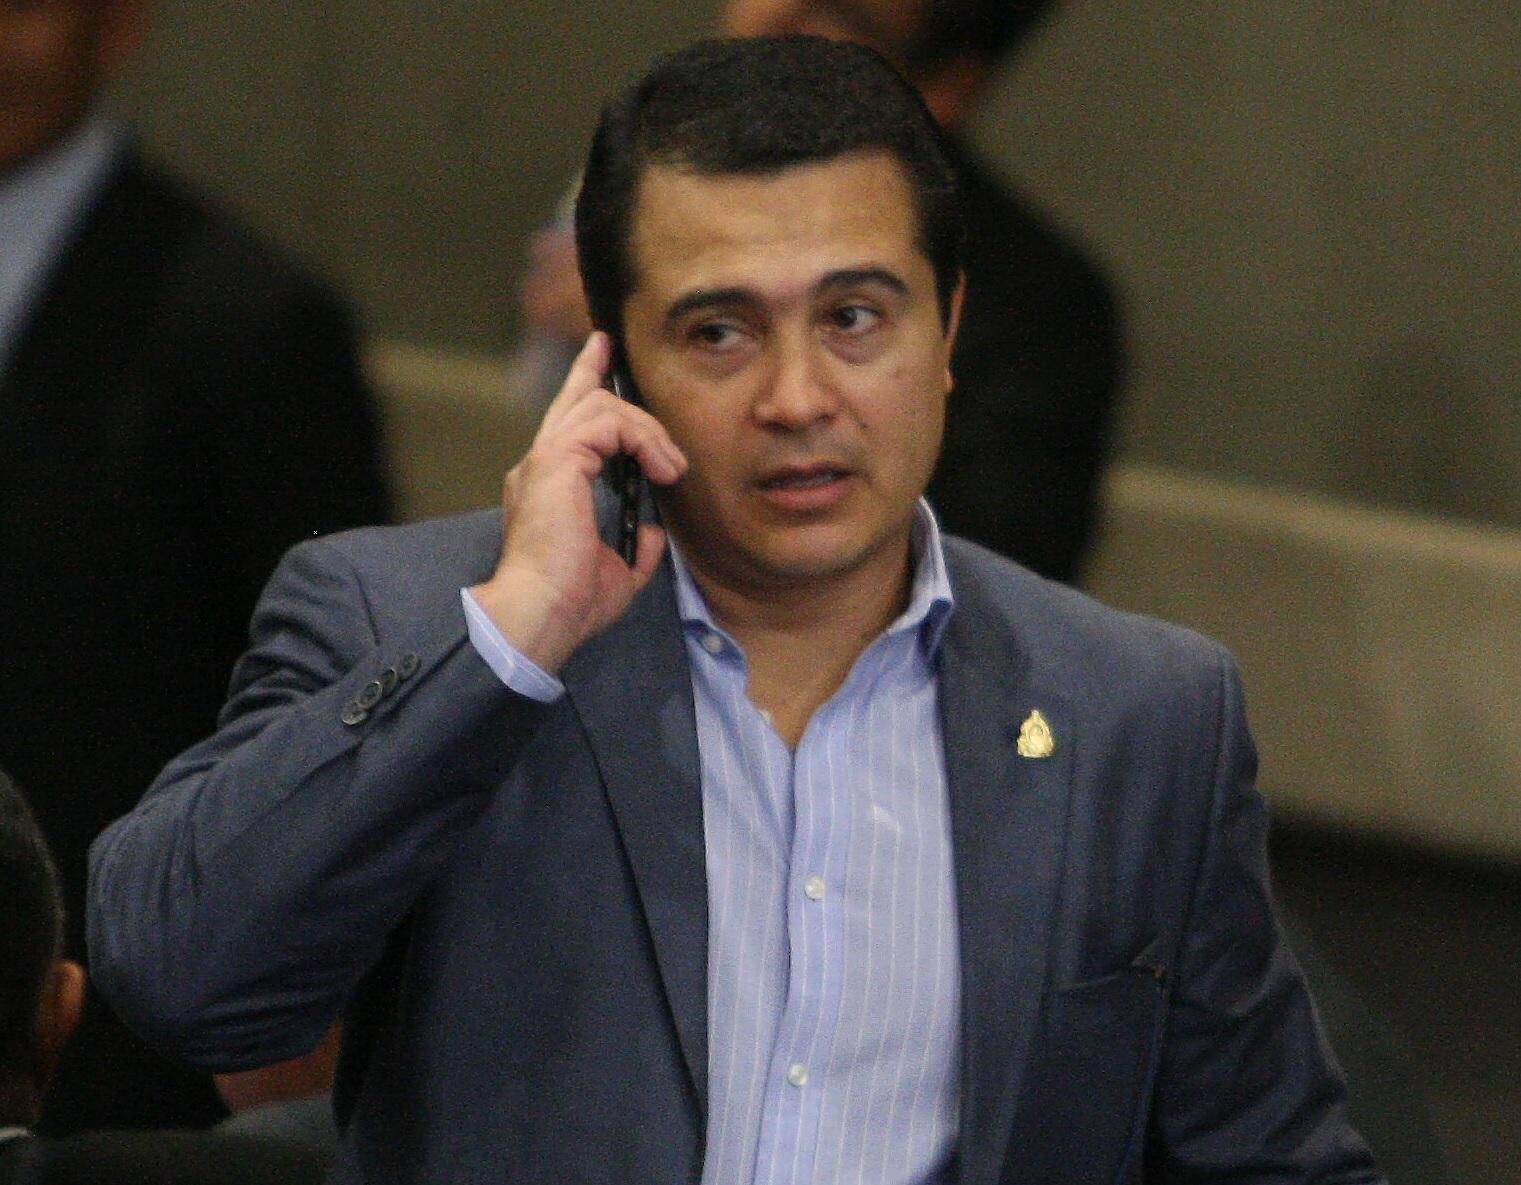 """El próximo 24 de febrero será la lectura de sentencia en caso """"Tony"""" Hernández"""